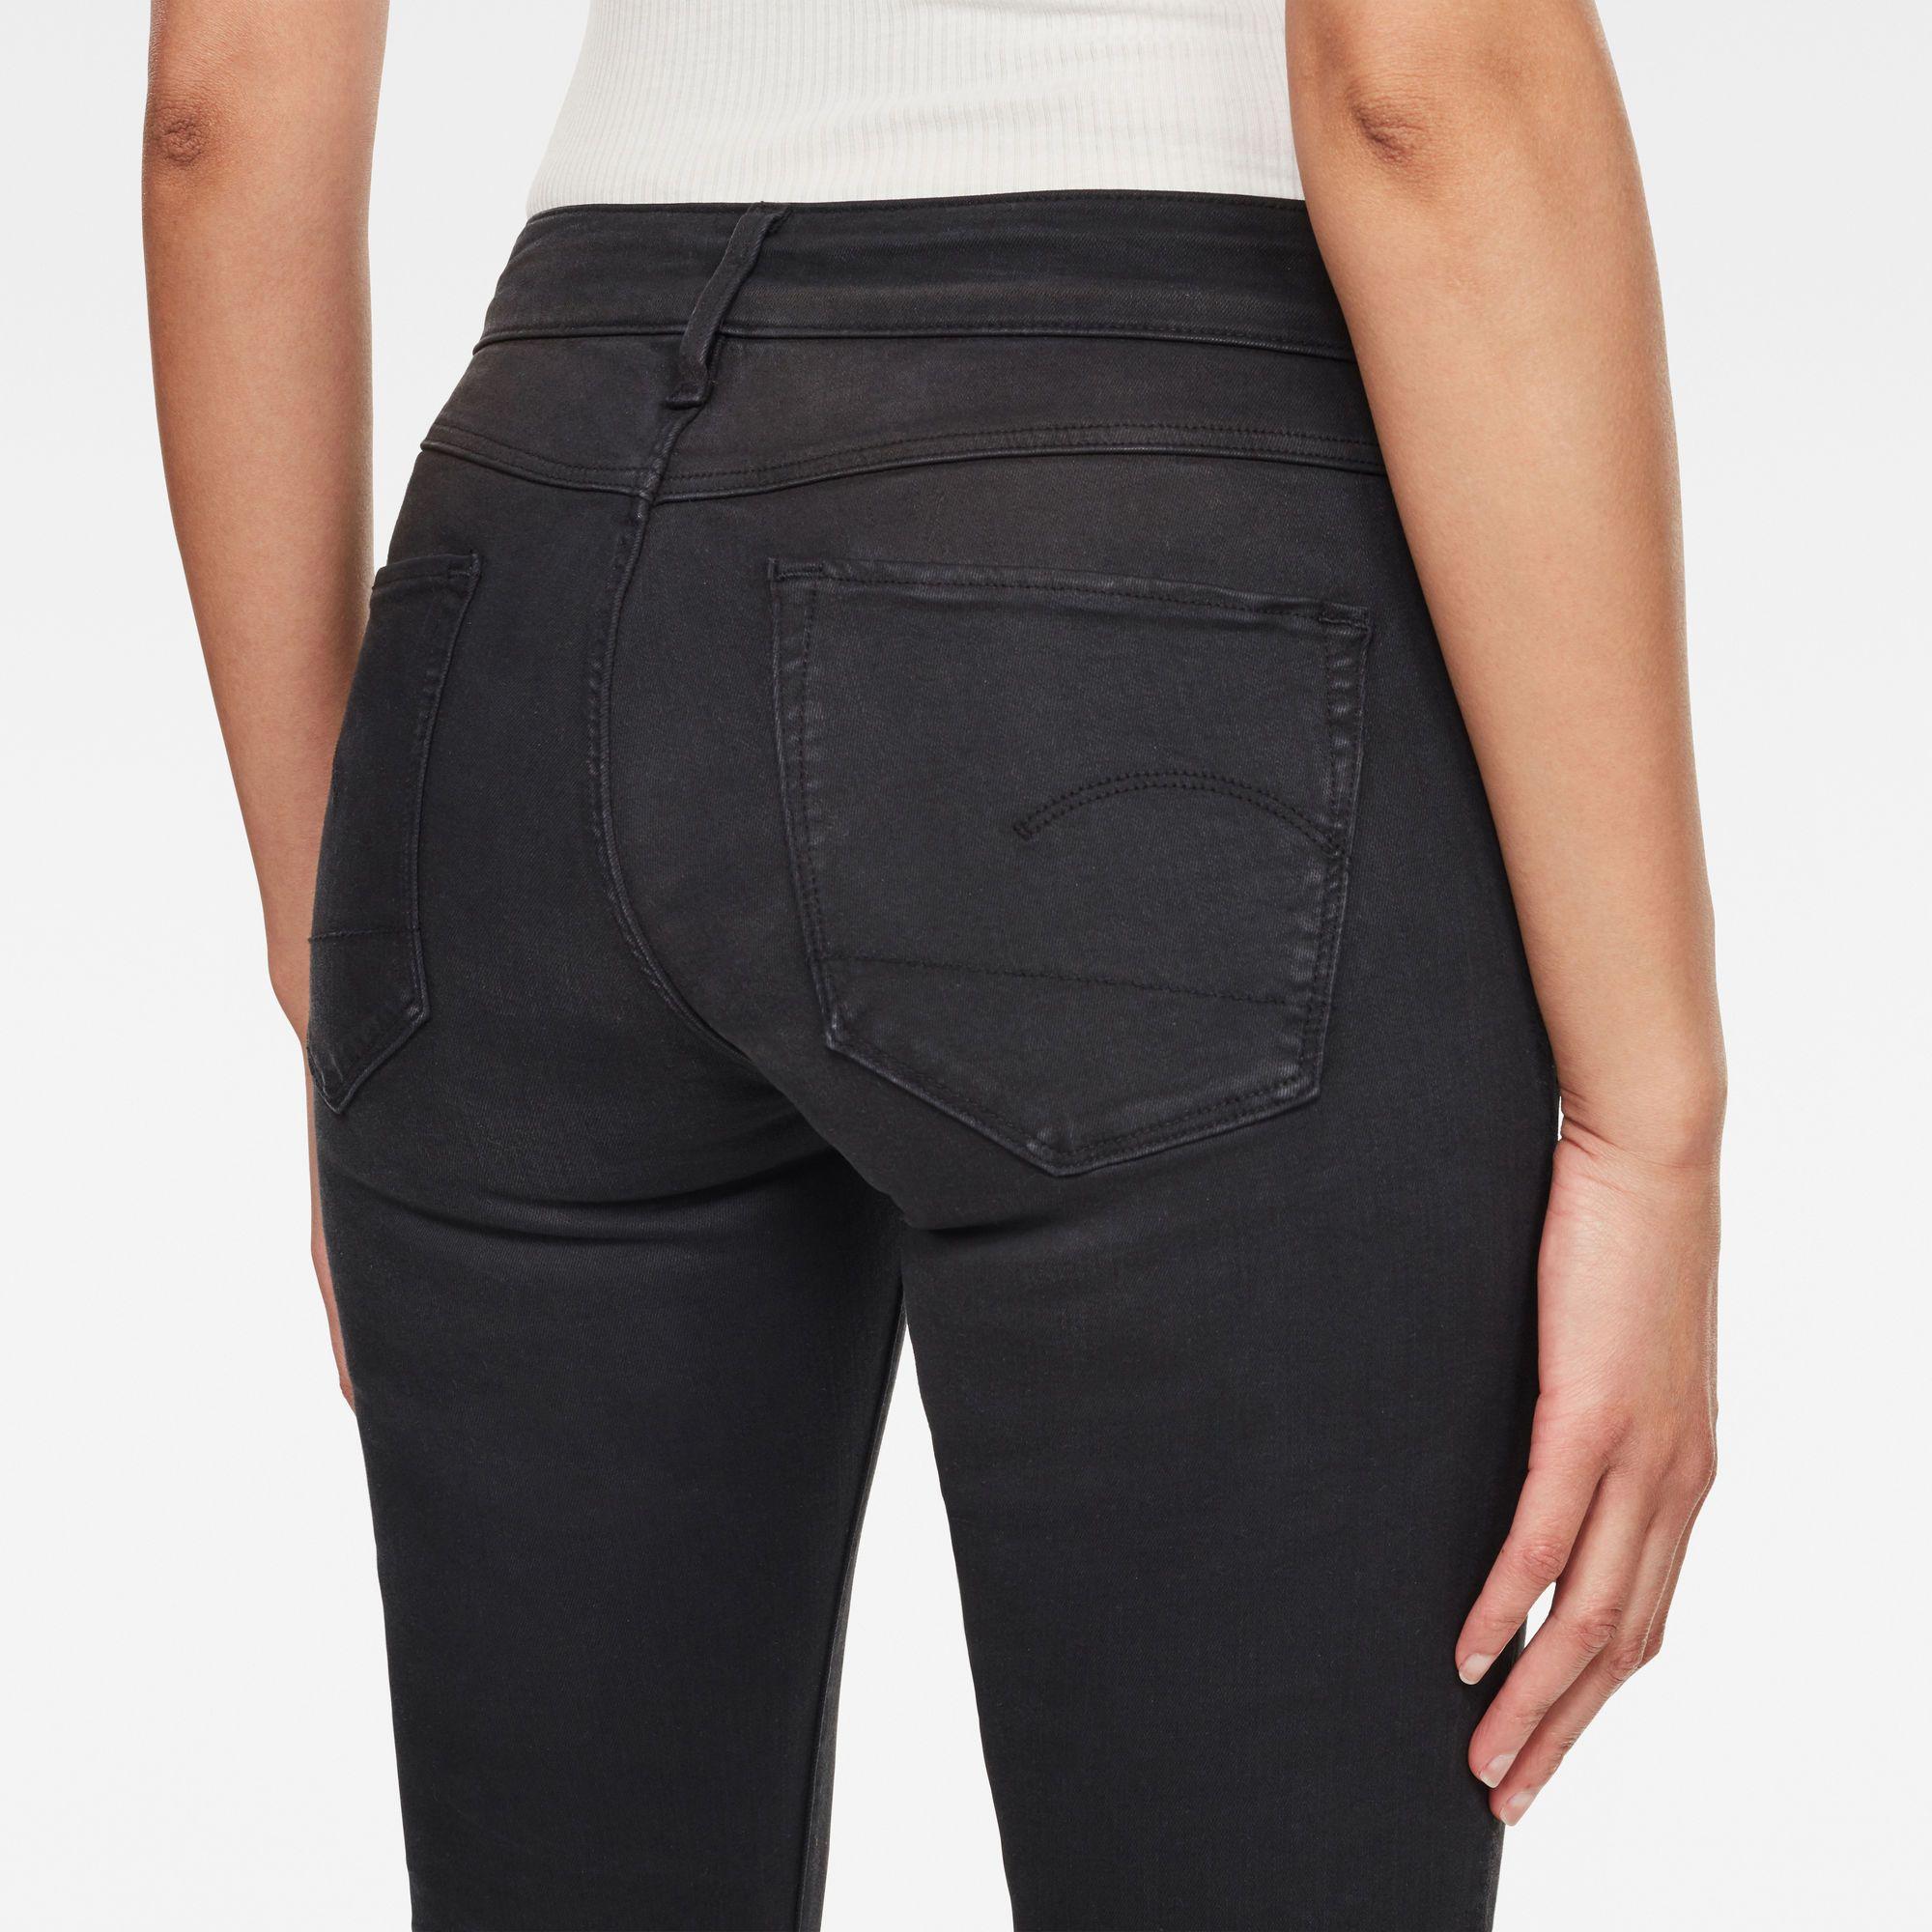 G-Star RAW 3301 D-Mid Waist Super Skinny Jeans